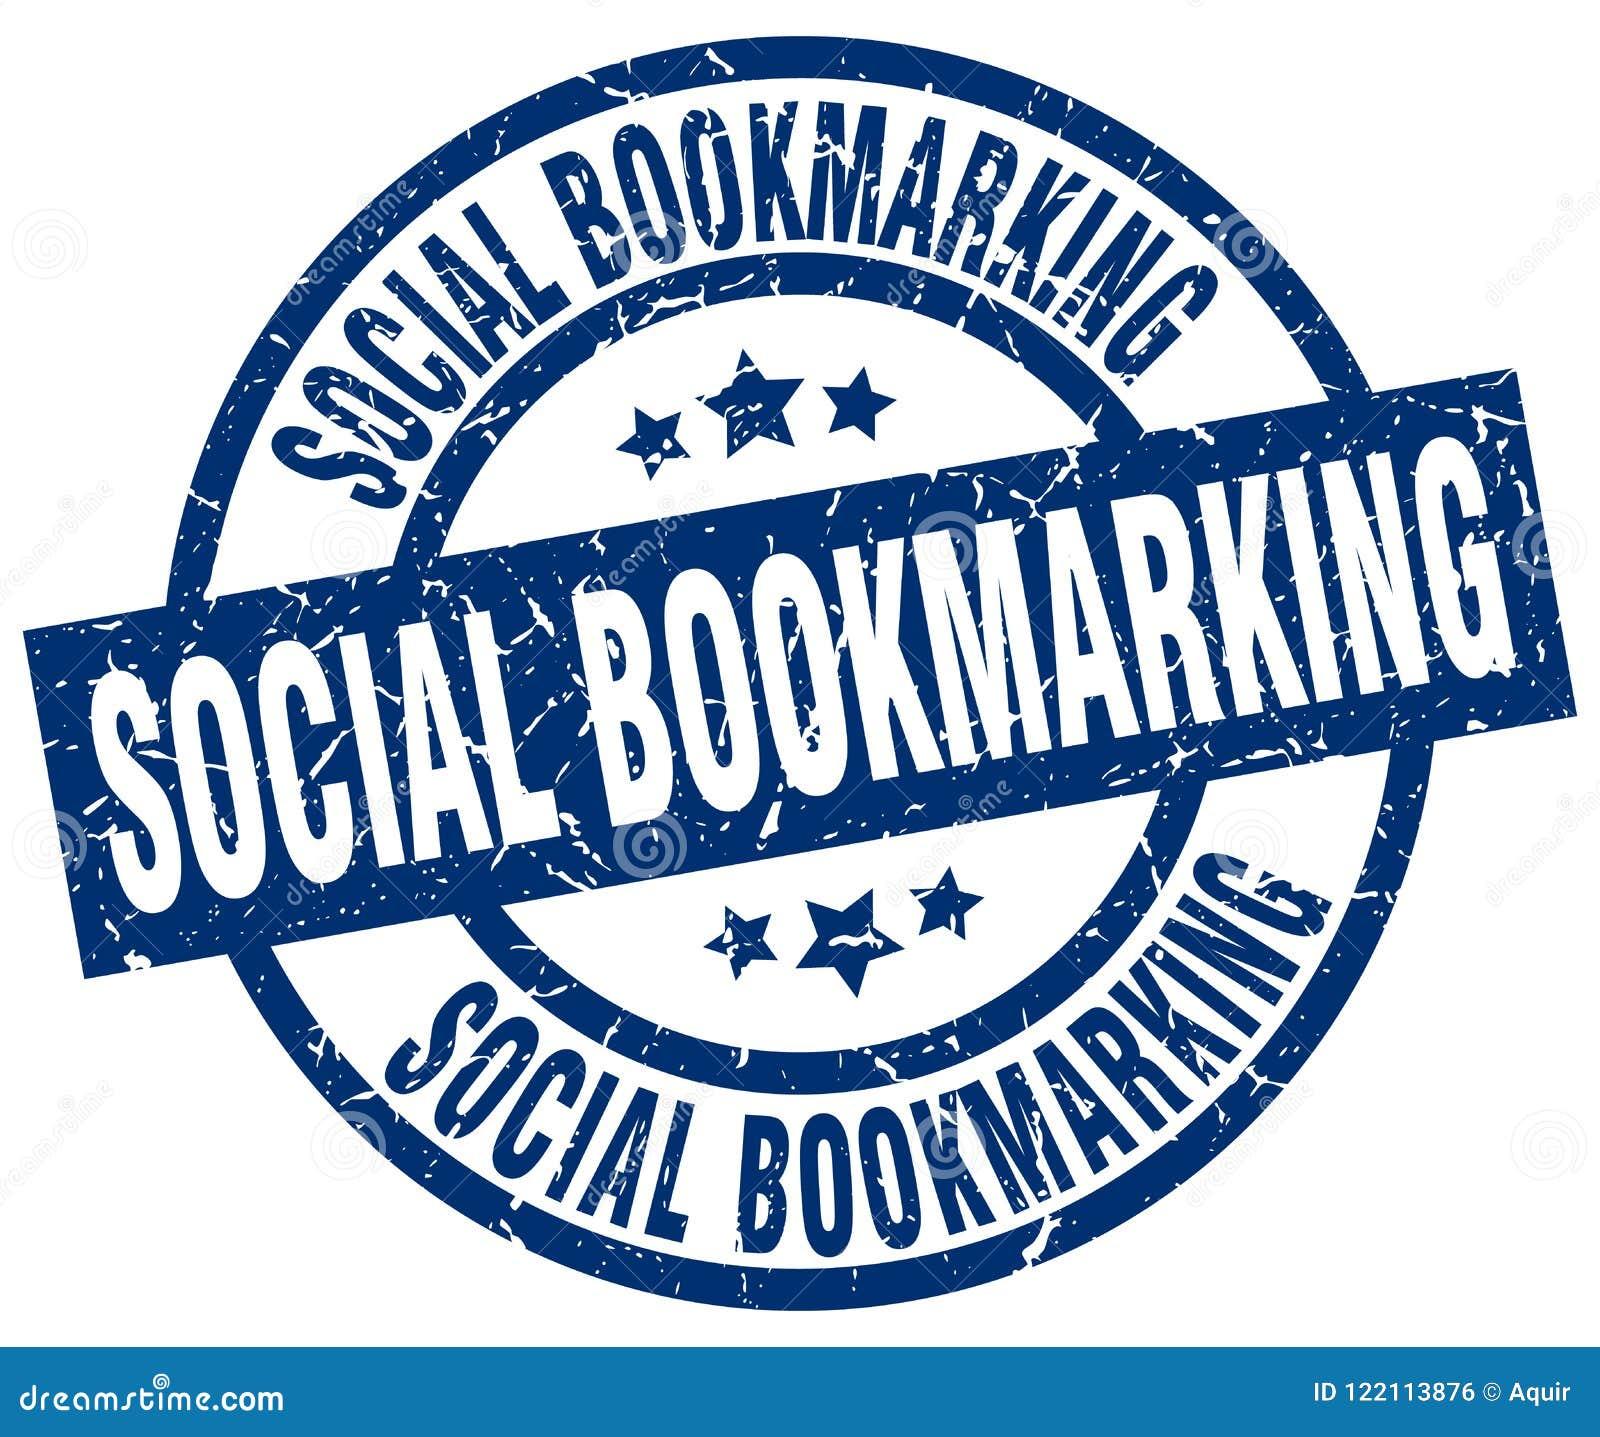 Selo marcando um endereço da Internet social